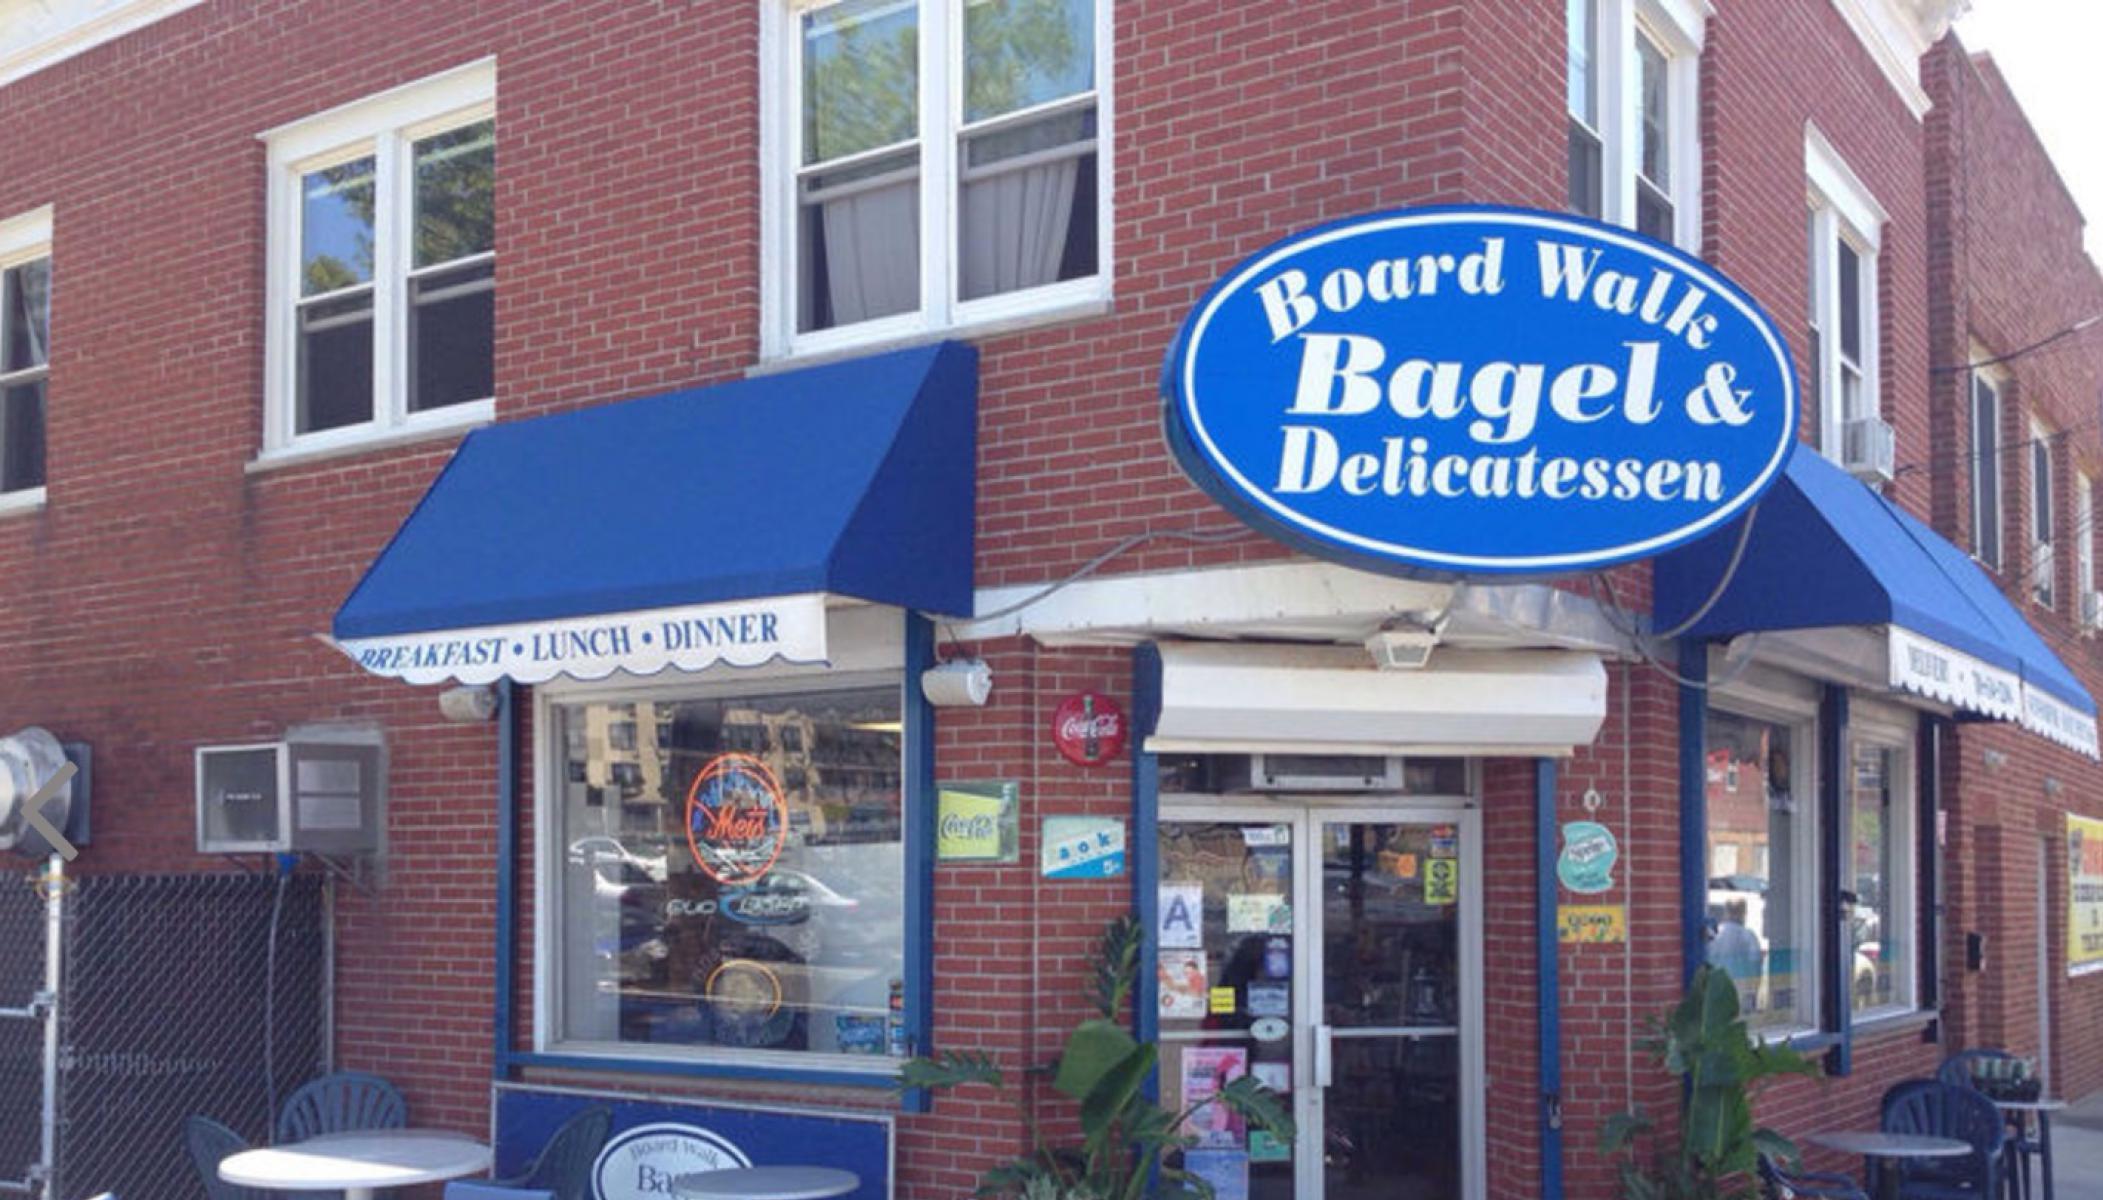 Boardwalk Bagel